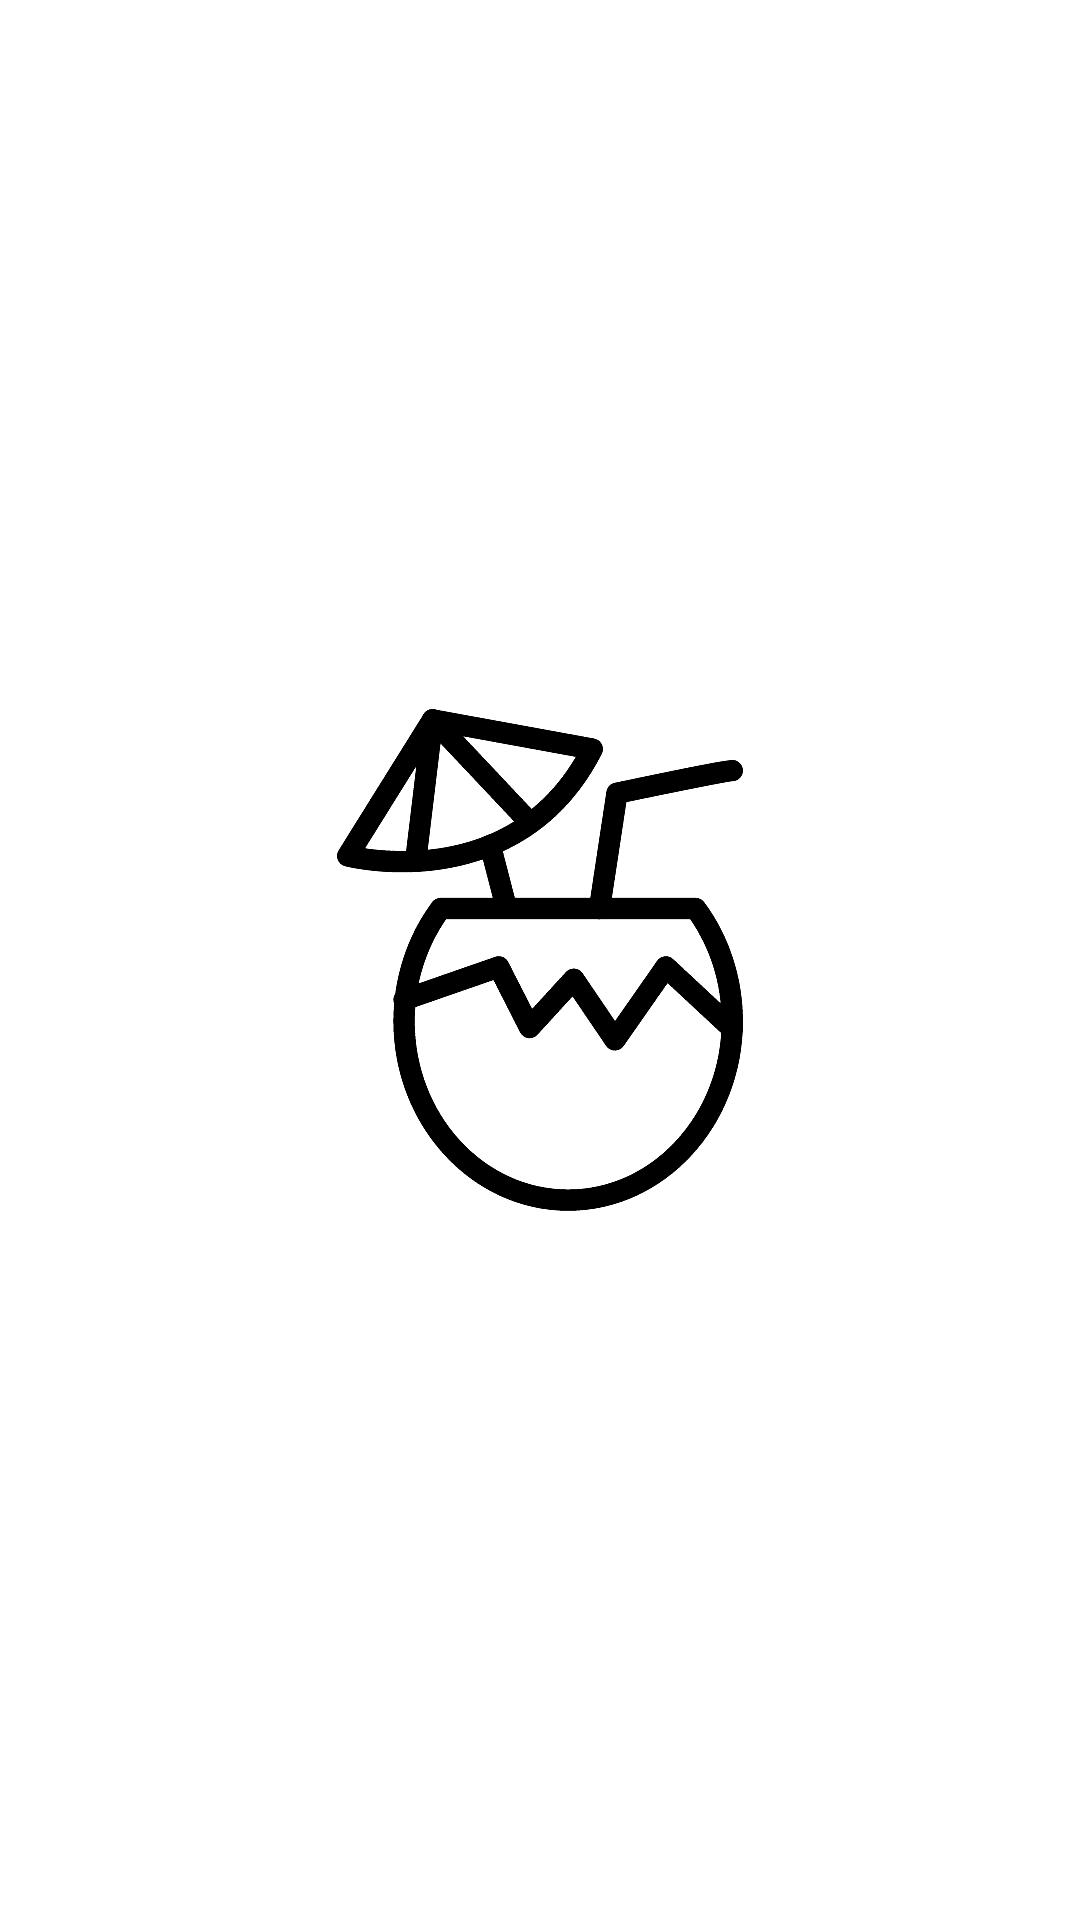 Cute Drawings Small : drawings, small, Jordy, Bastian, Tattoo, Drawings,, Drawings